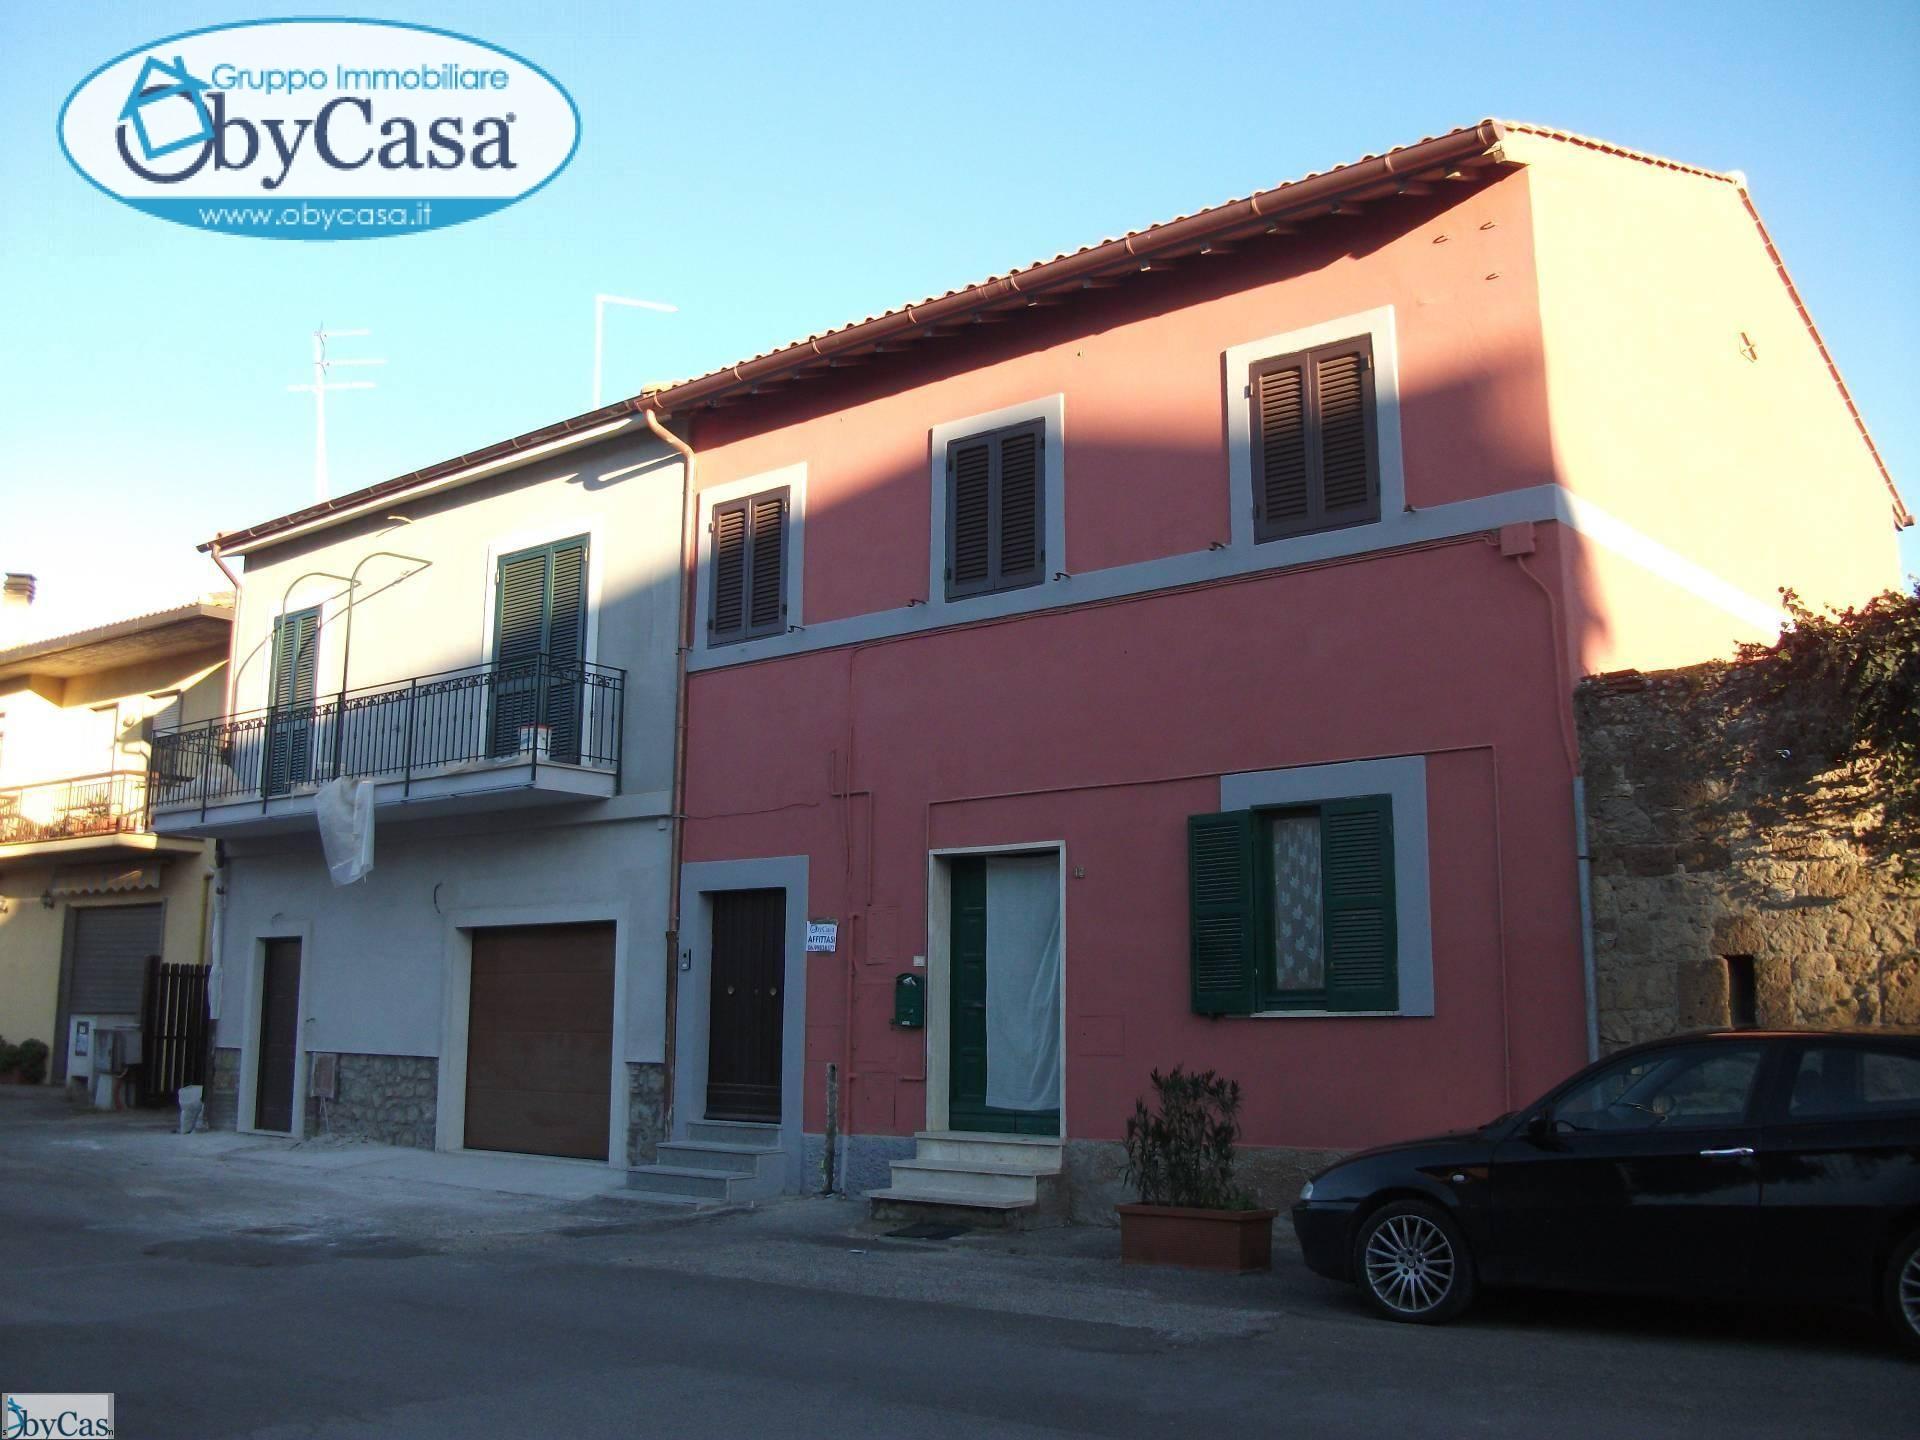 Palazzo / Stabile in affitto a Oriolo Romano, 3 locali, prezzo € 400 | Cambio Casa.it